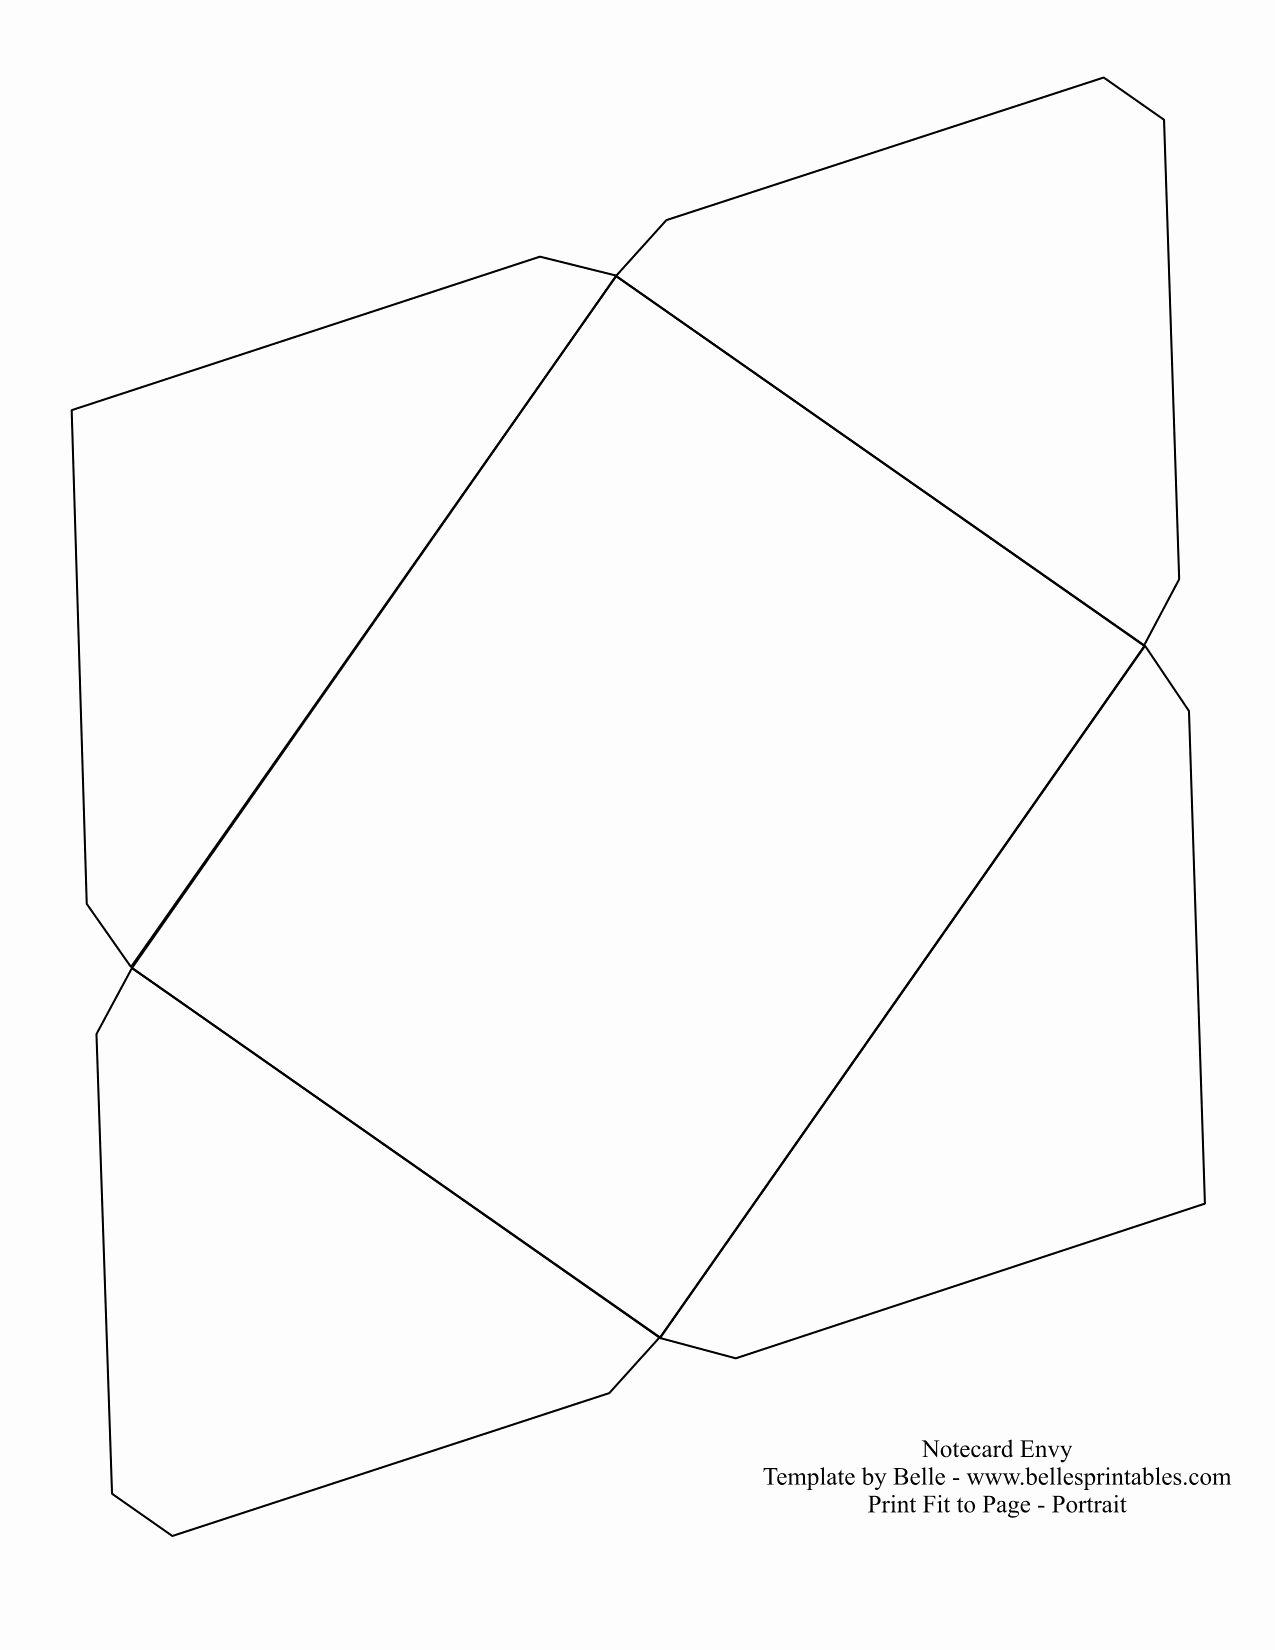 Template for A Envelope Cerca Con Google